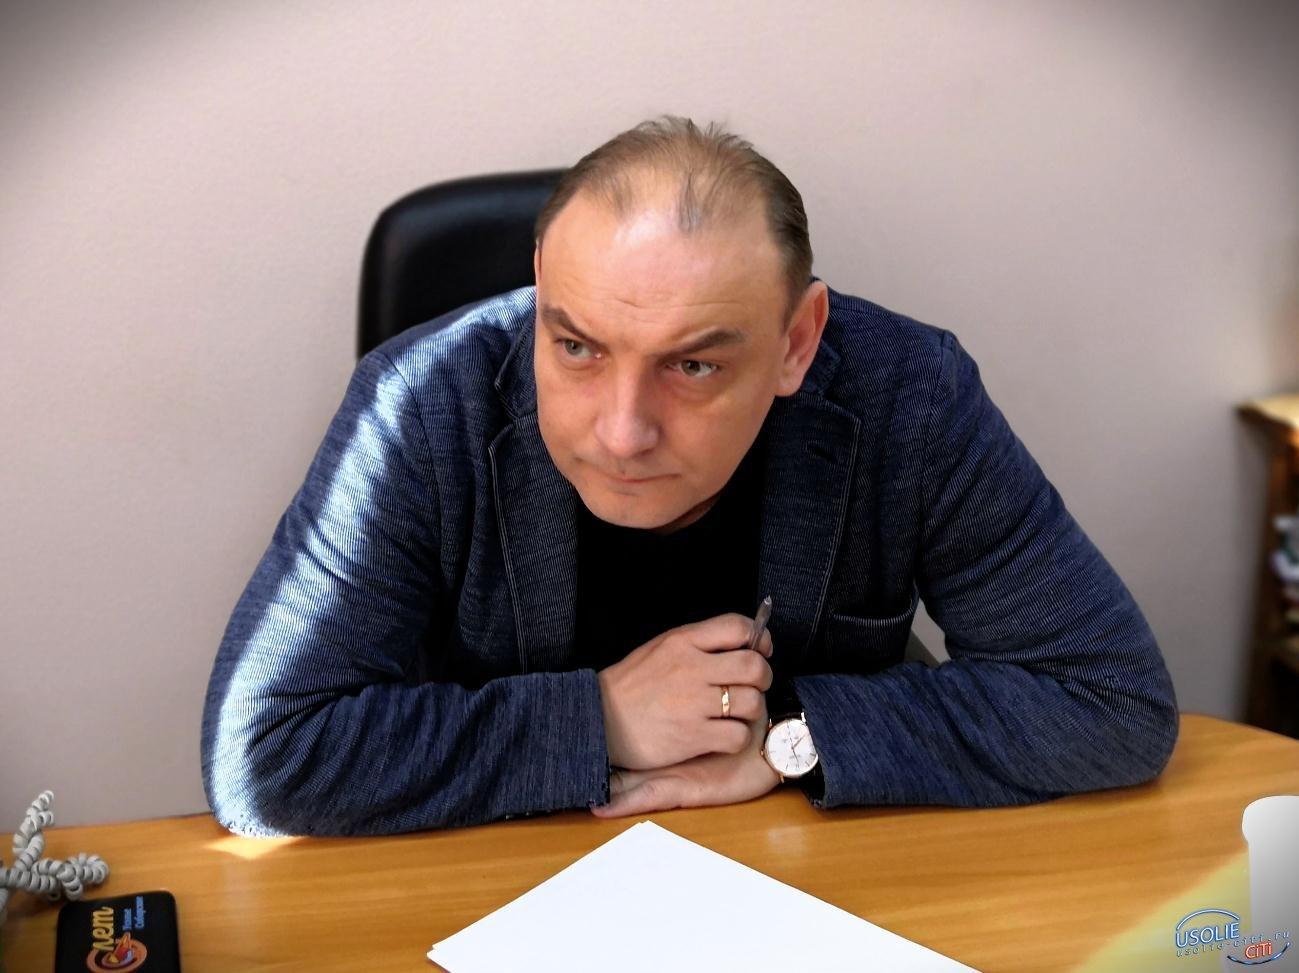 Игорь Востренков в Усолье не пришел на важную встречу